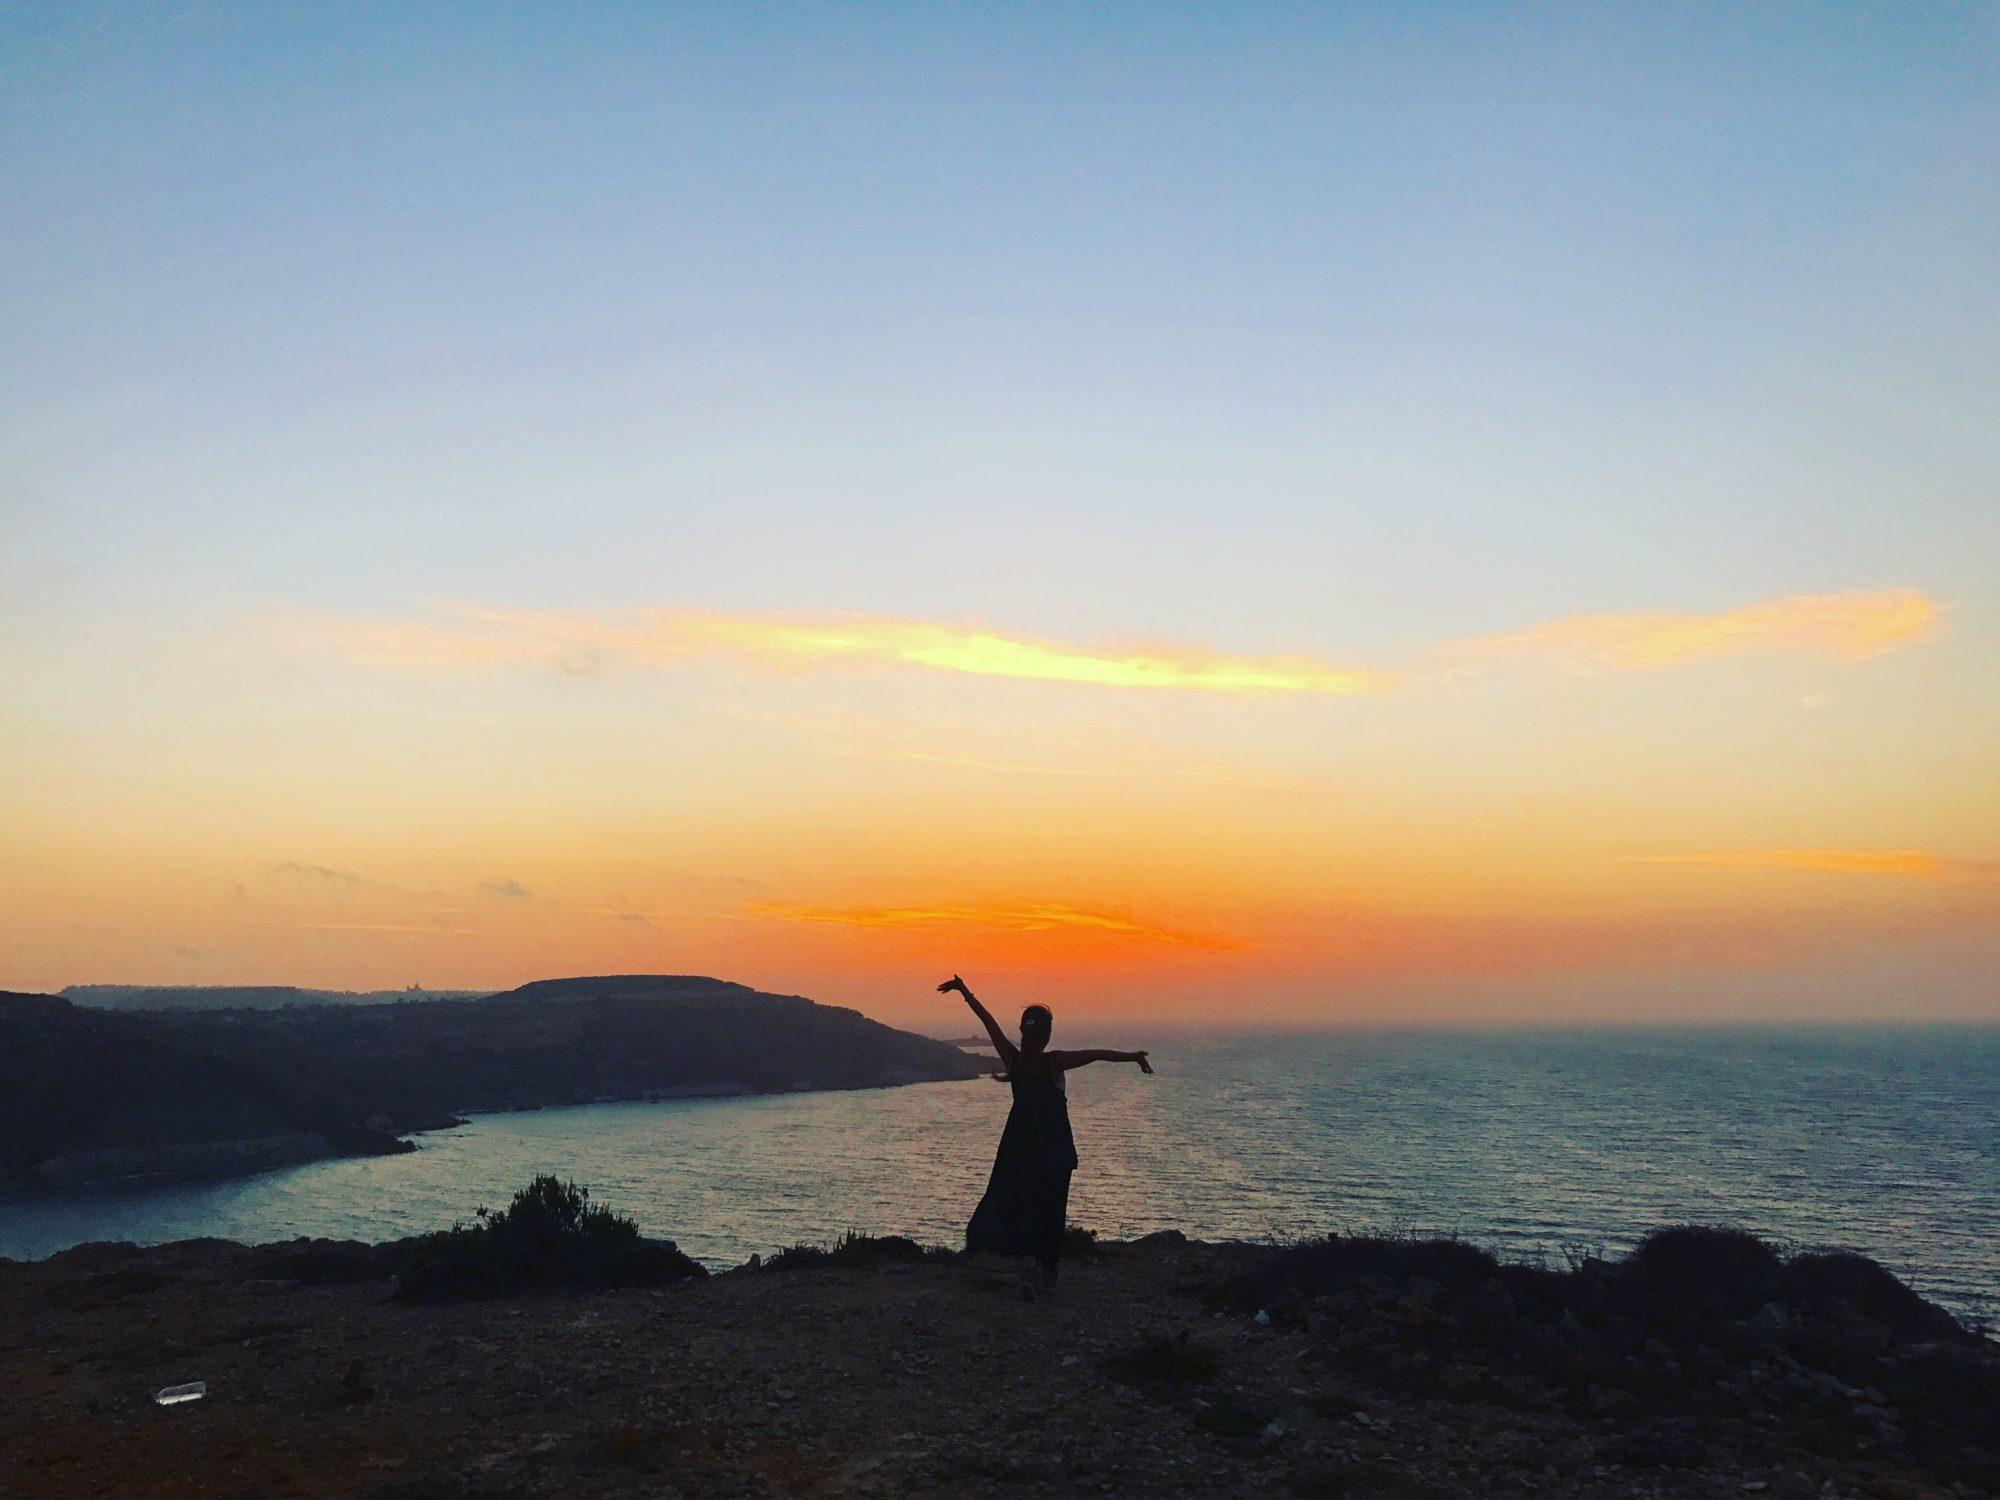 ゴゾ島の夕日